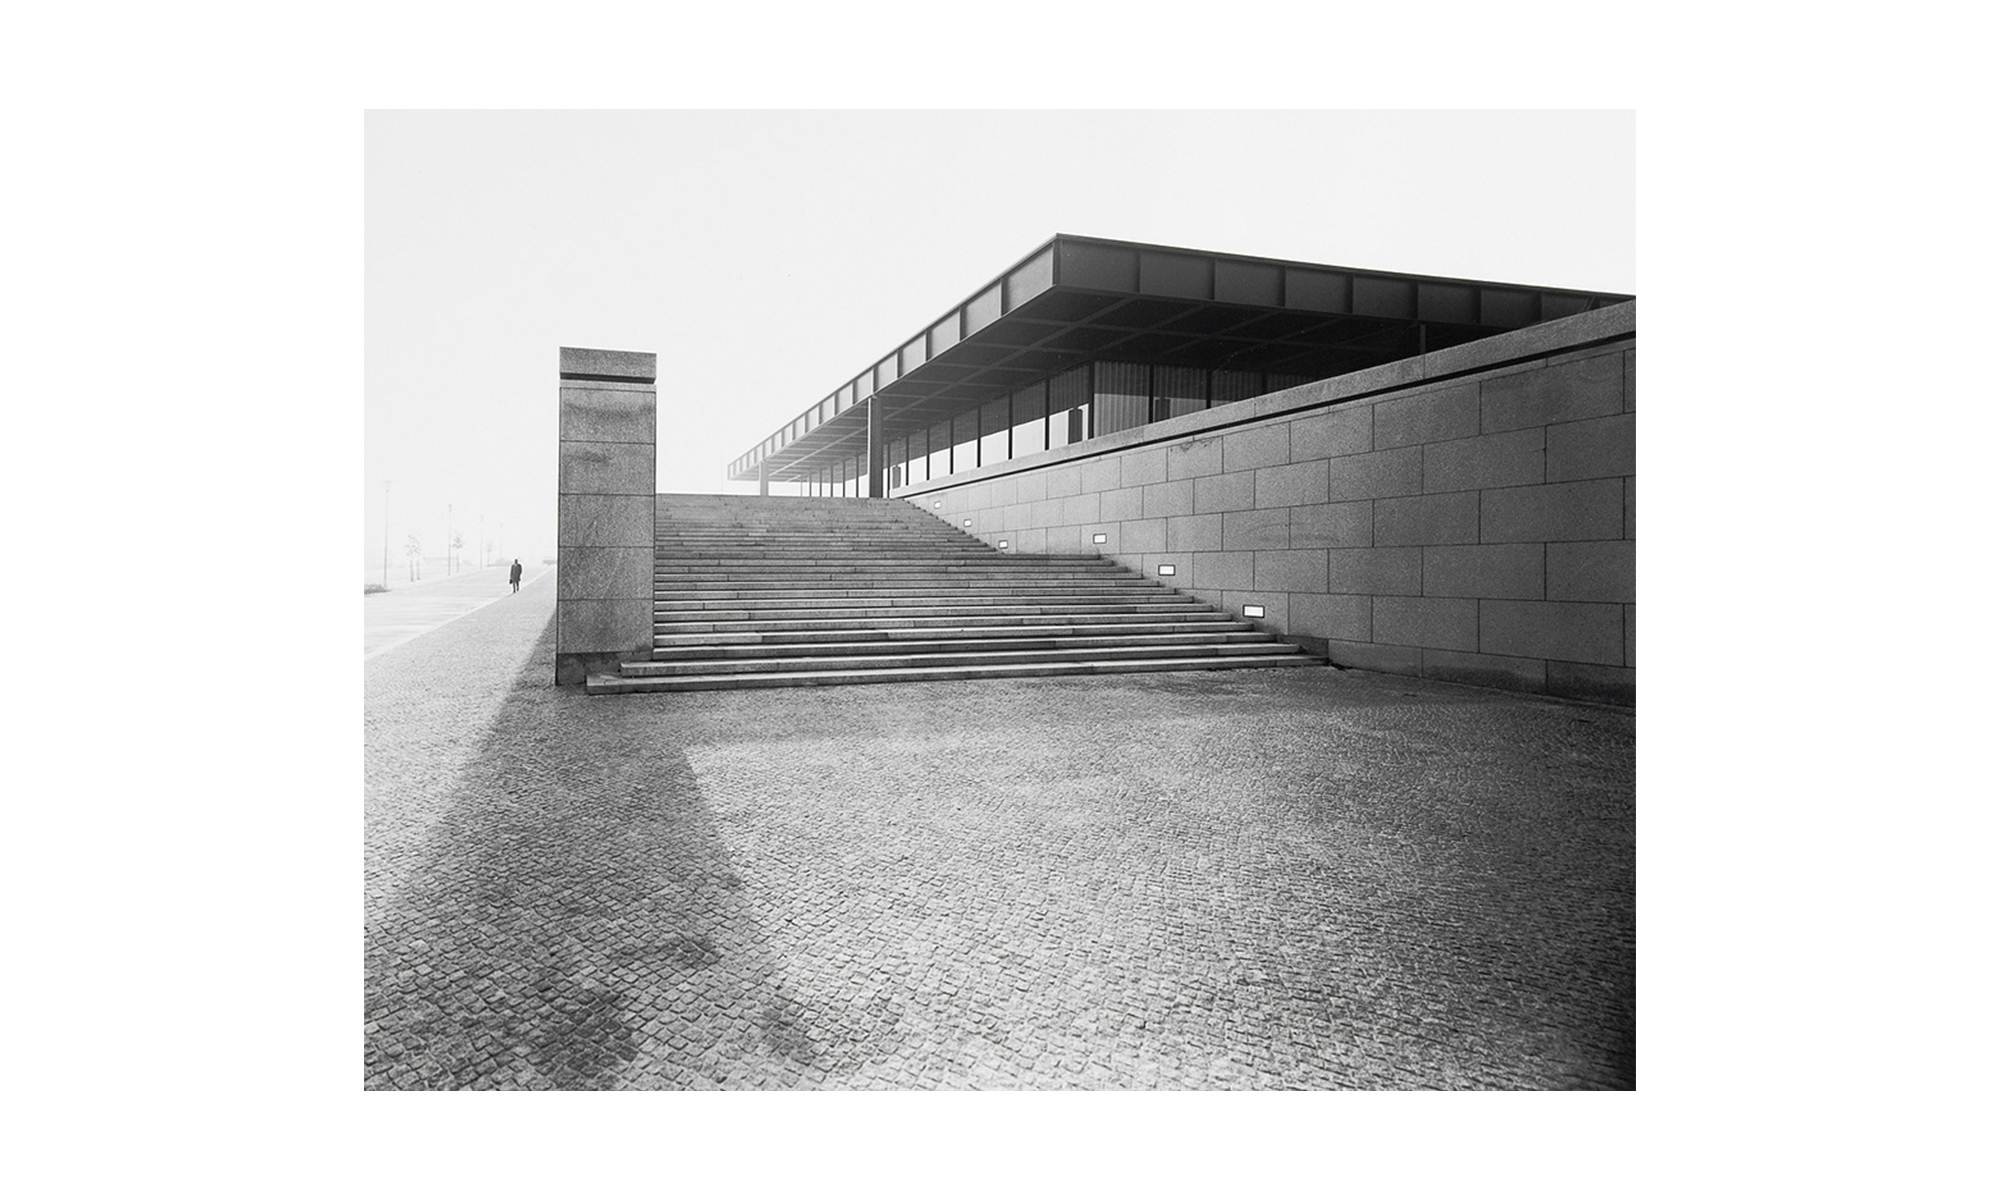 Historisches Schwarz-Weiß-Foto der Neuen Nationalgalerie in Berlin.